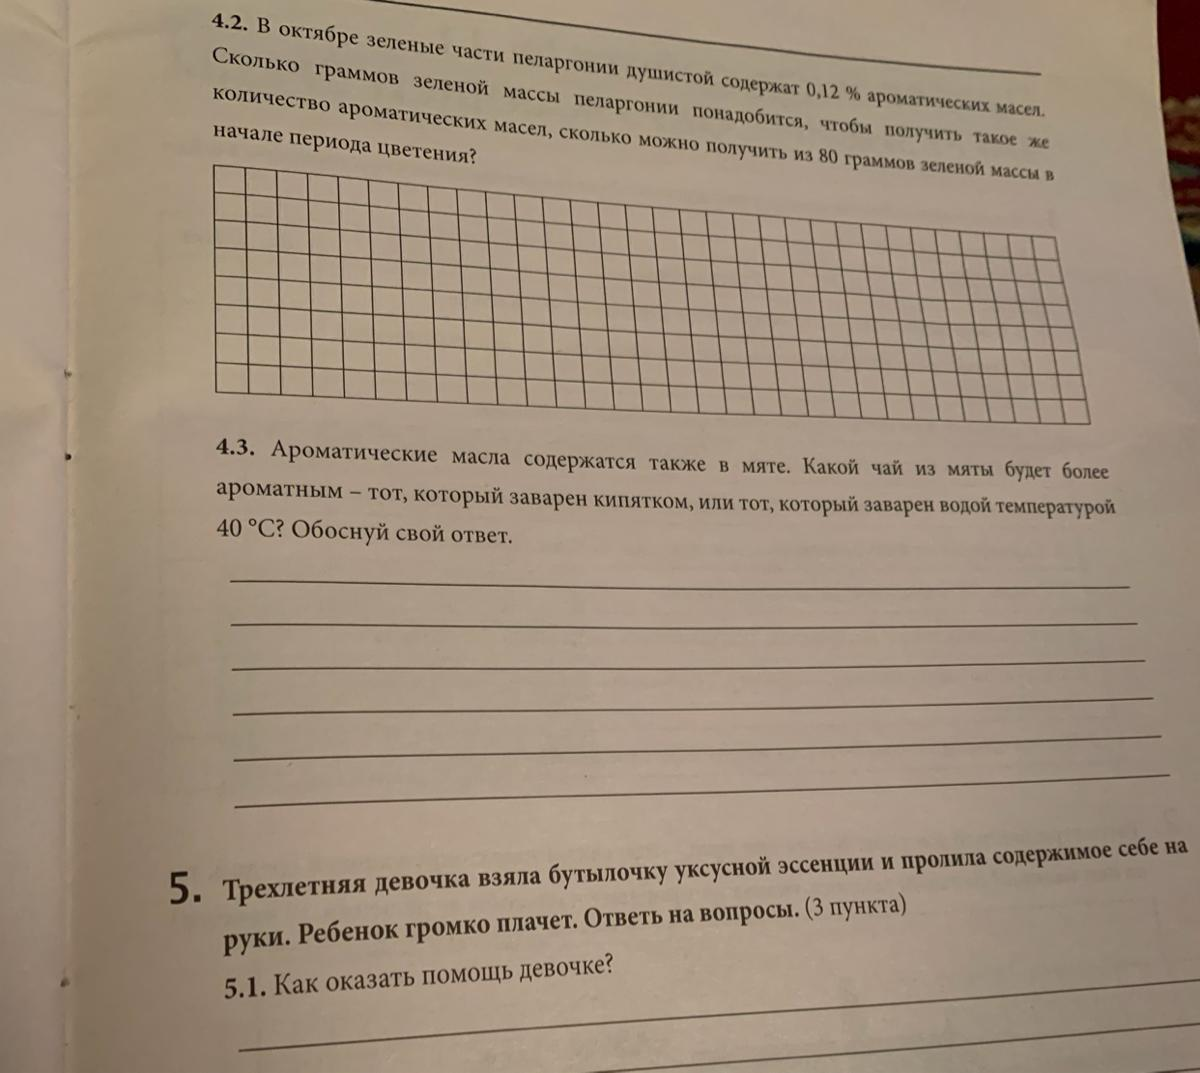 Помогите решить !!! С 4.2 -5.1